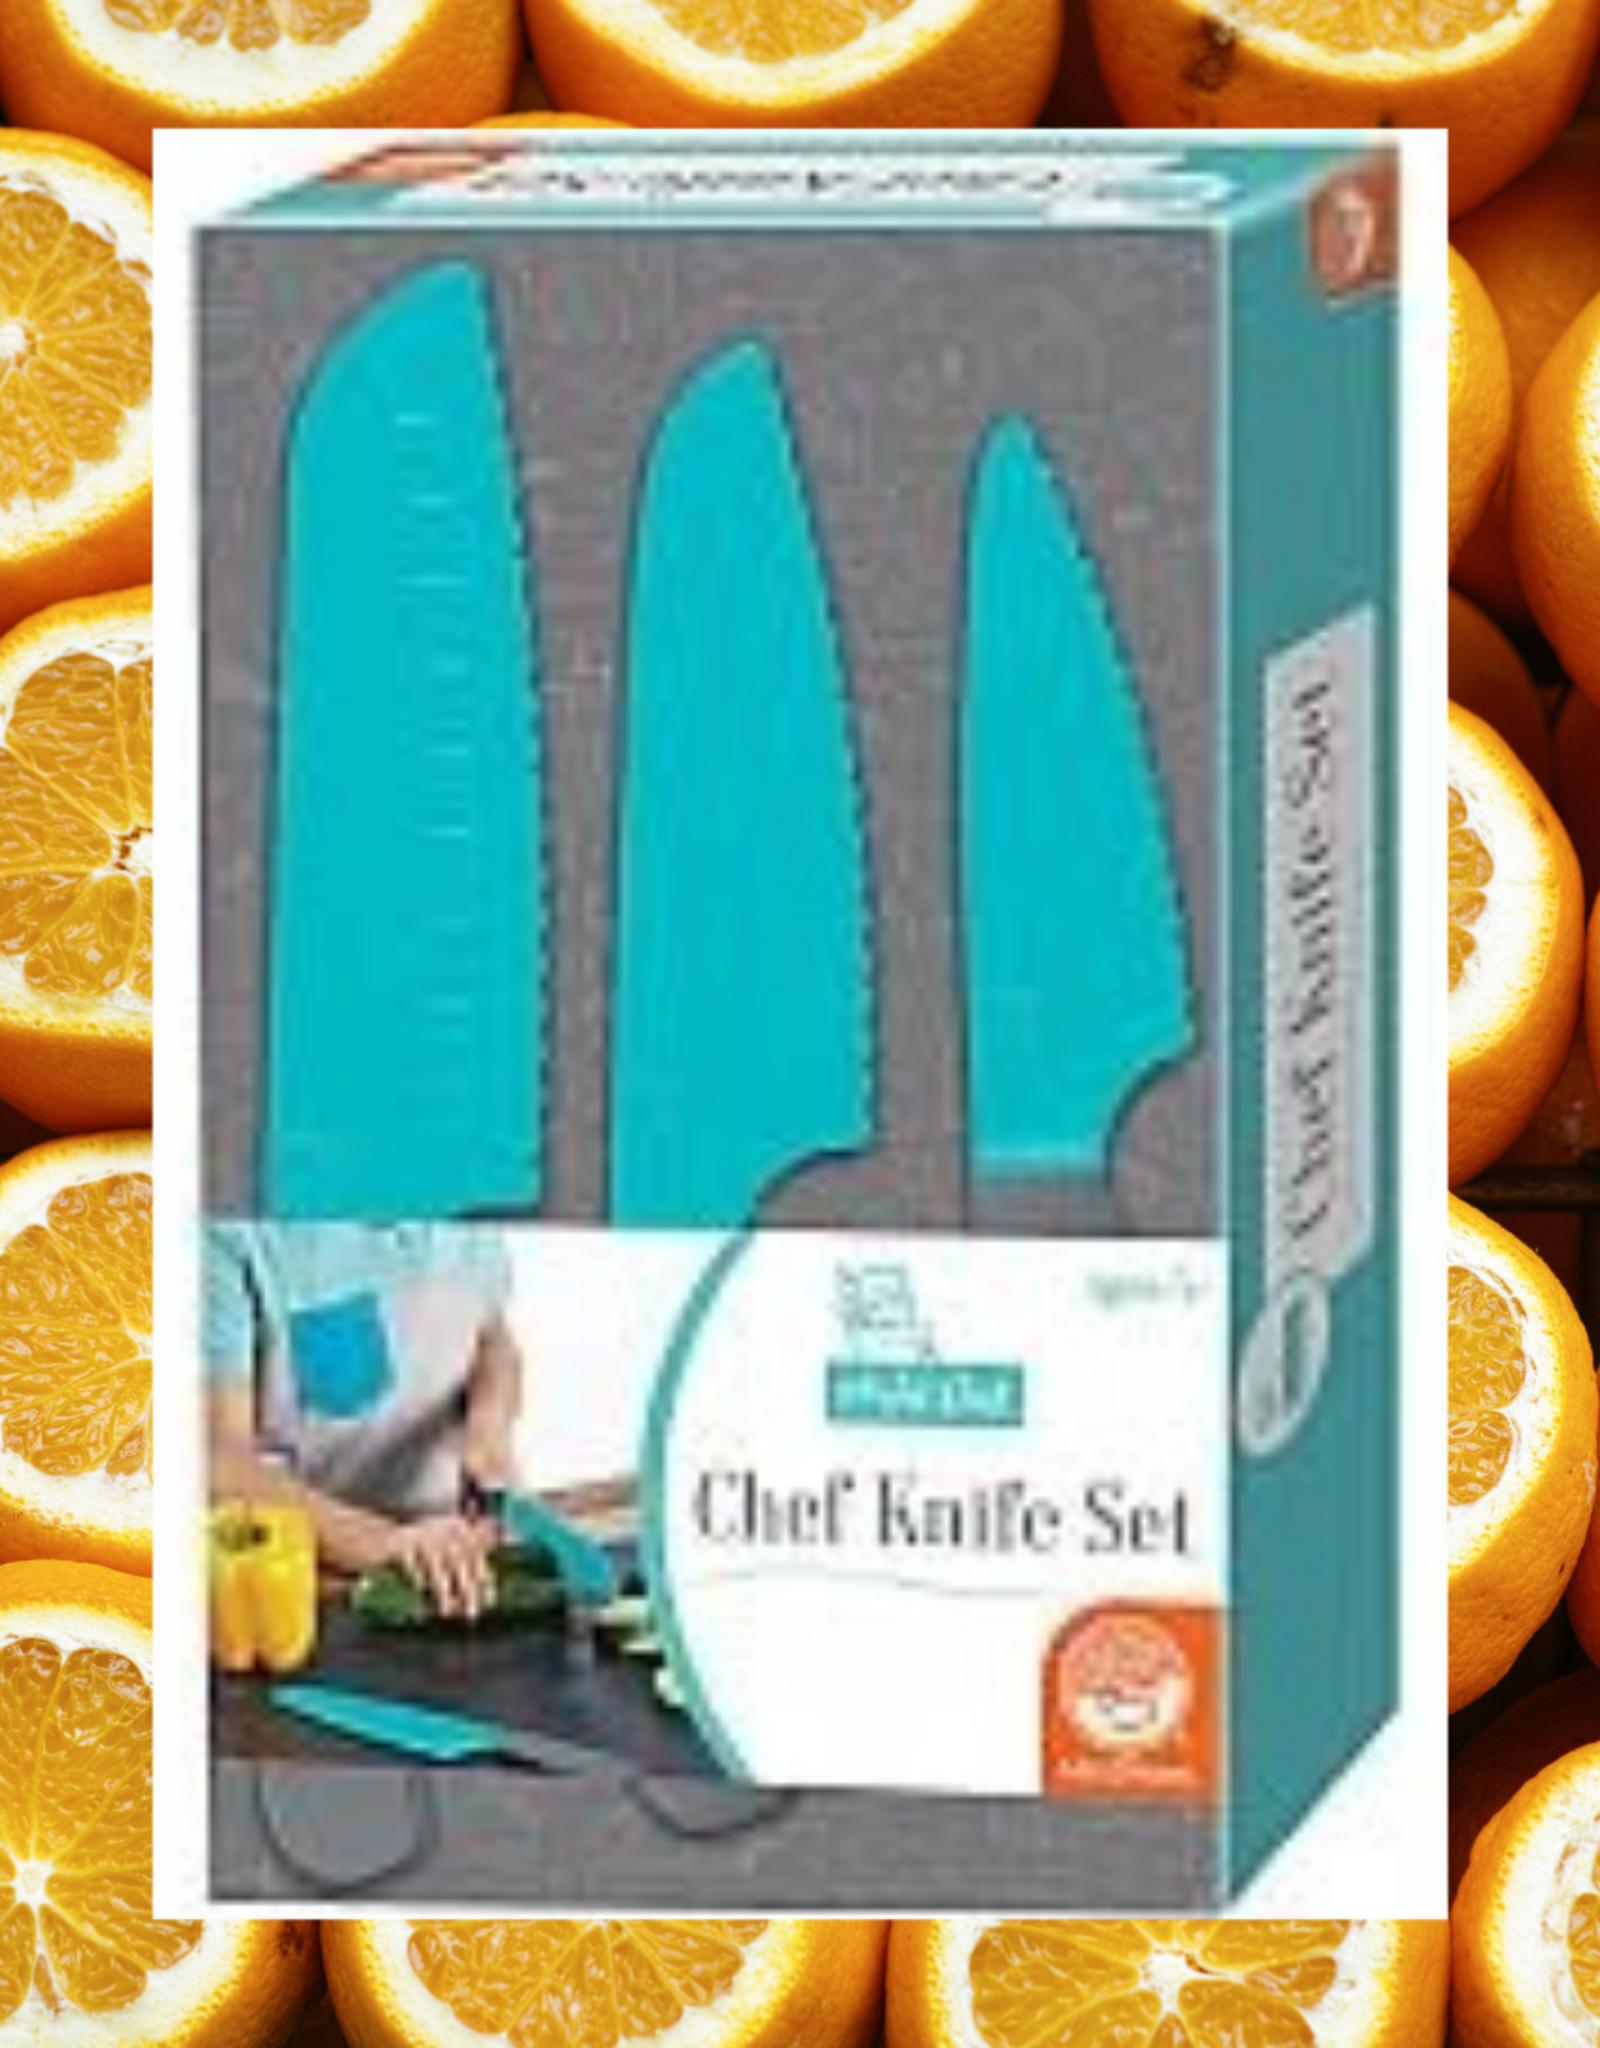 MINDWARE KNIFE SET SAFETY PLAYFUL